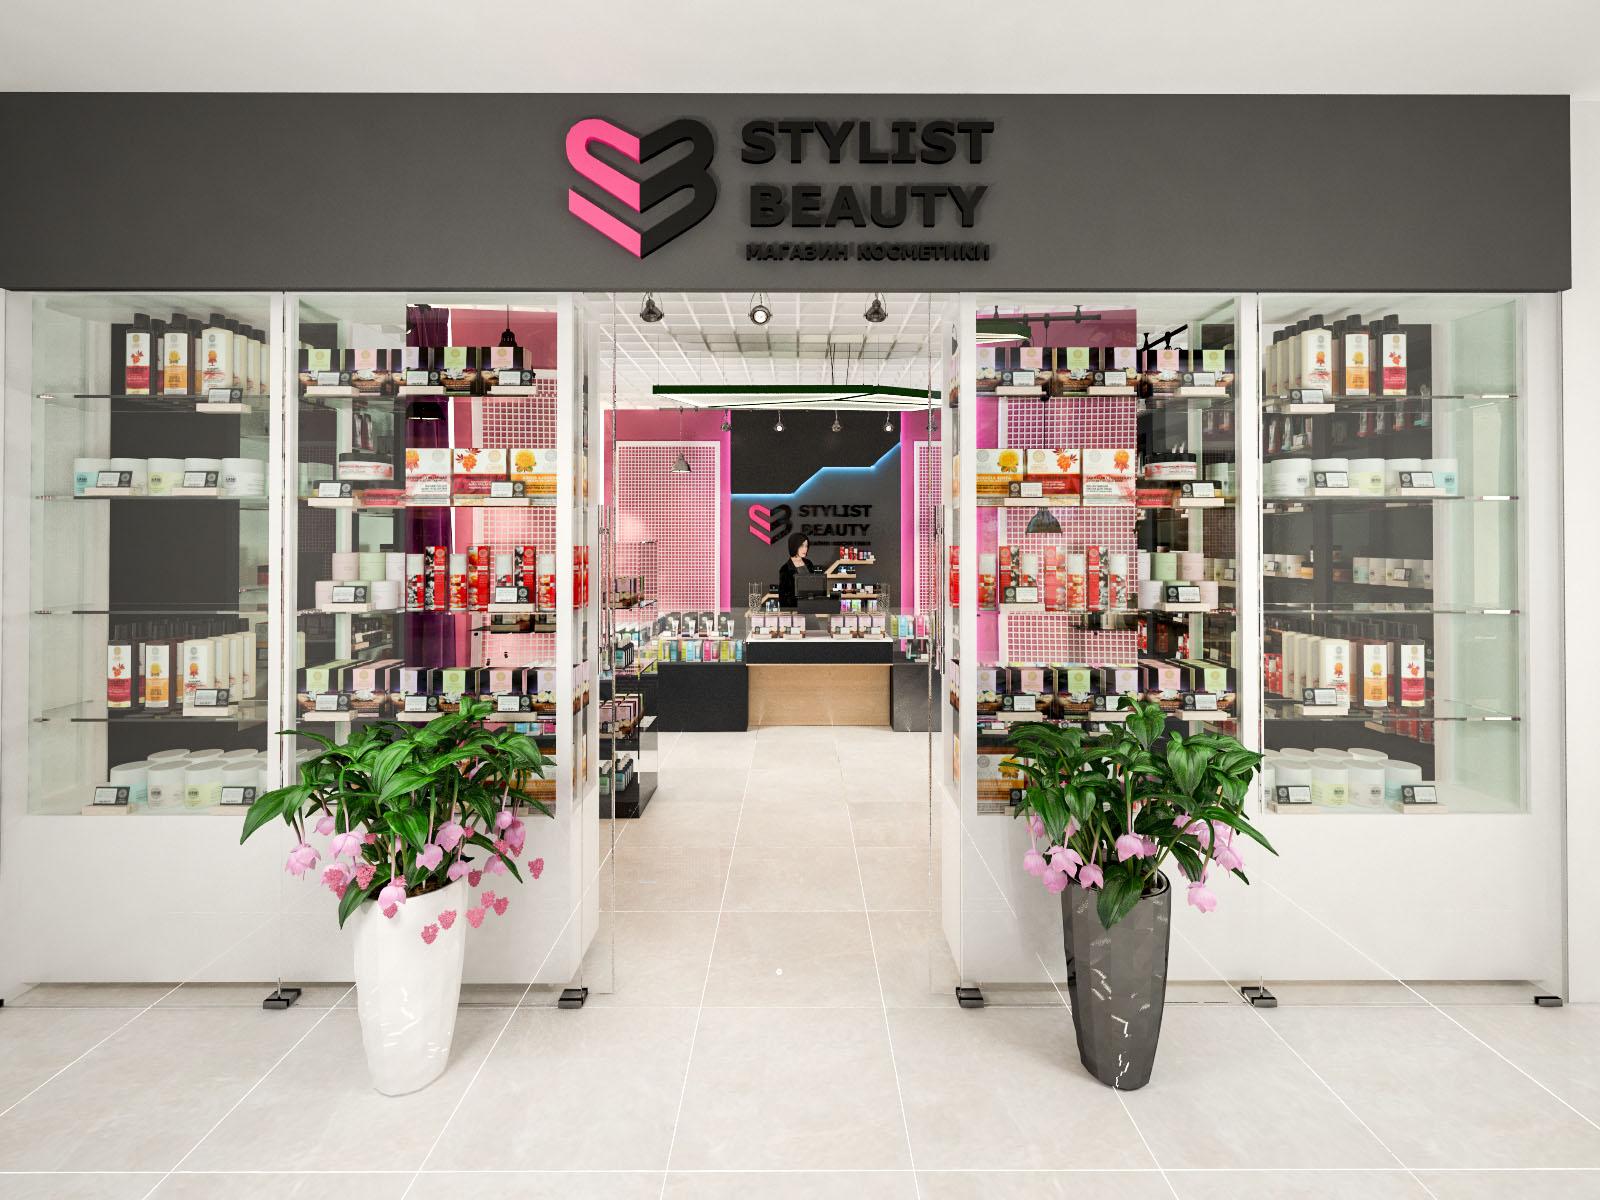 Дизайн интерьера магазина косметики Stylist Beauty